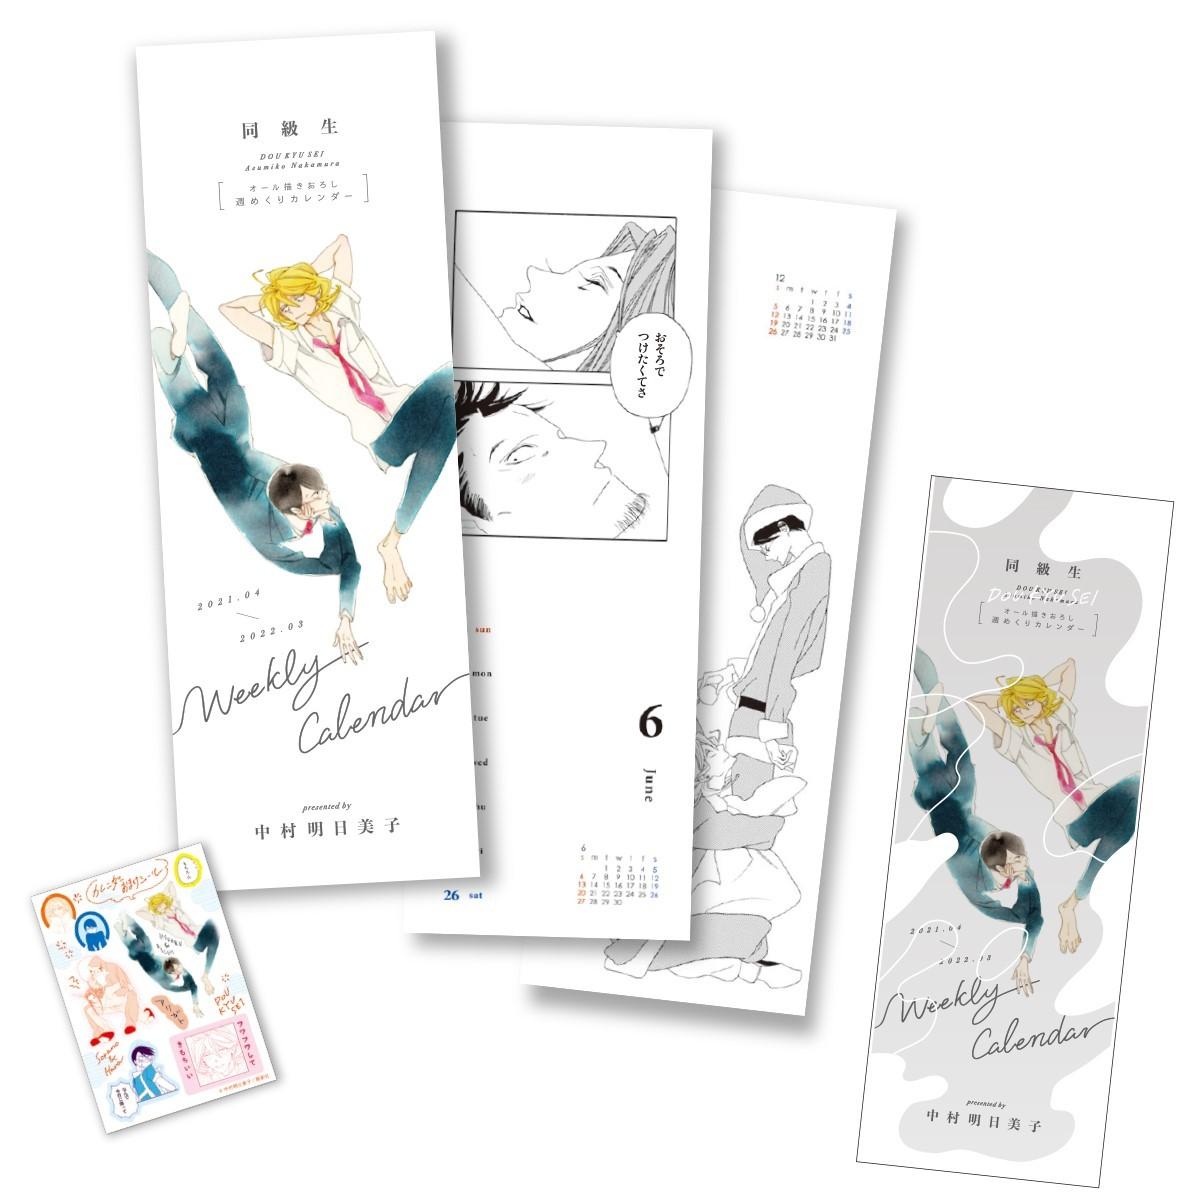 すべて描き下ろしの『週めくりカレンダー』 価格:2,750円(税込)